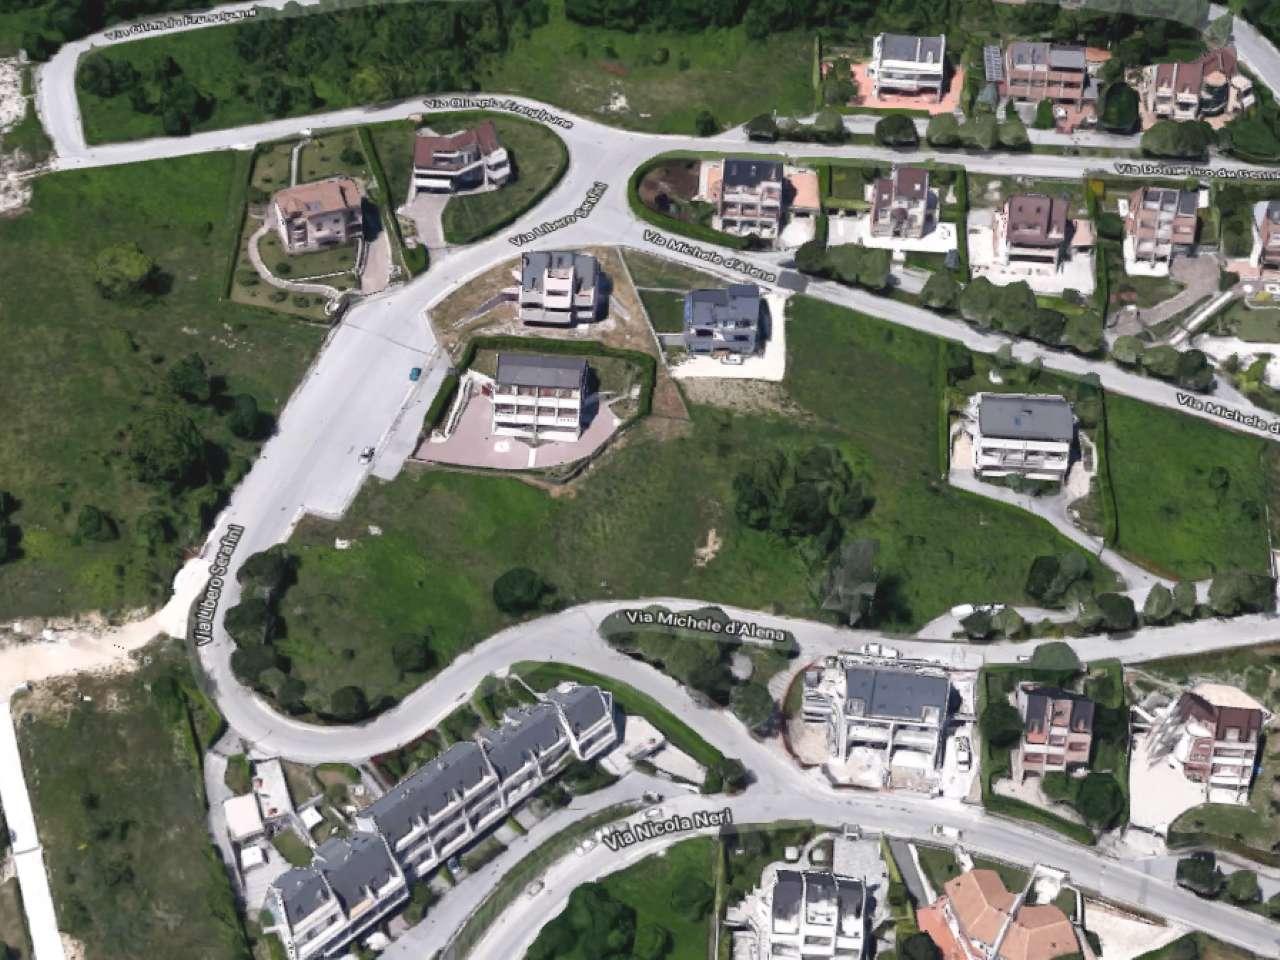 Terreno edificabile in vendita a Campobasso (CB)